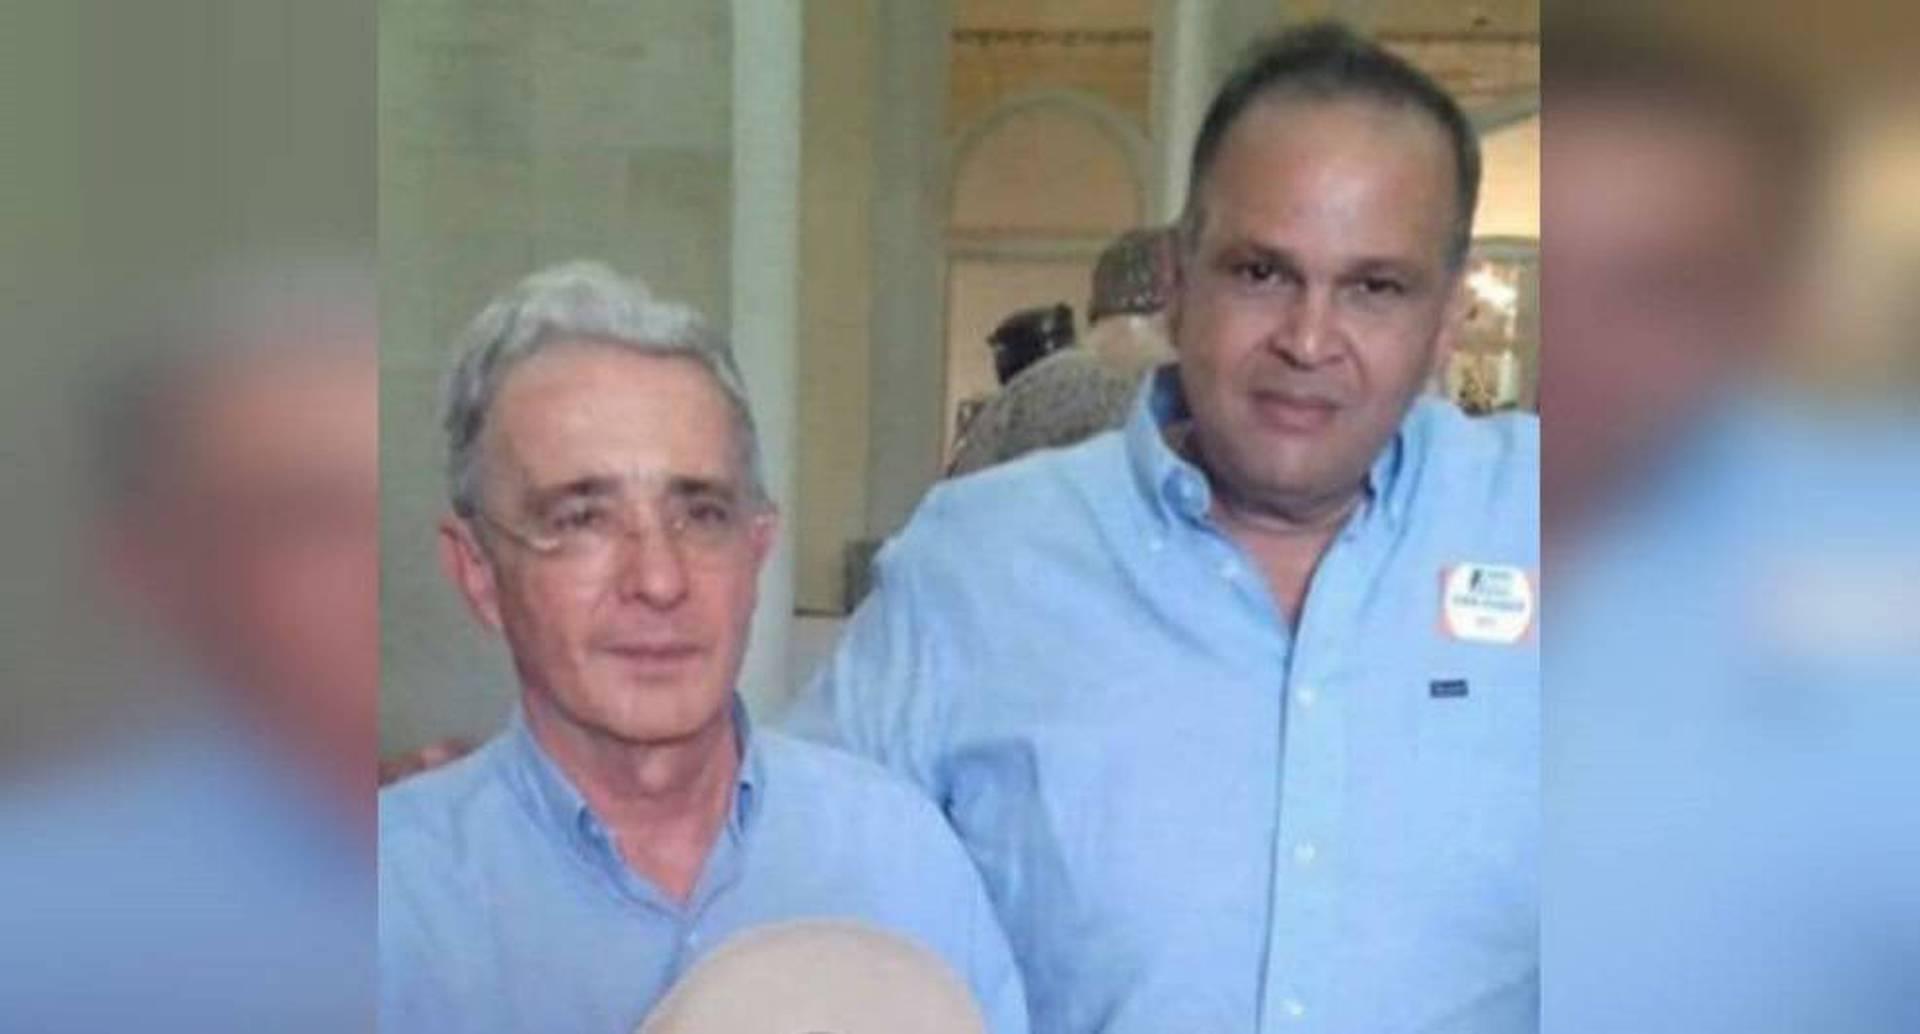 La hipótesis de la investigación de la Corte contra Uribe es que el expresidente habría dado la orden para la compra de votos en la costa a favor de la campaña de Iván Duque. Por eso es clave indagar el rol de Caya Daza en todo el asunto.